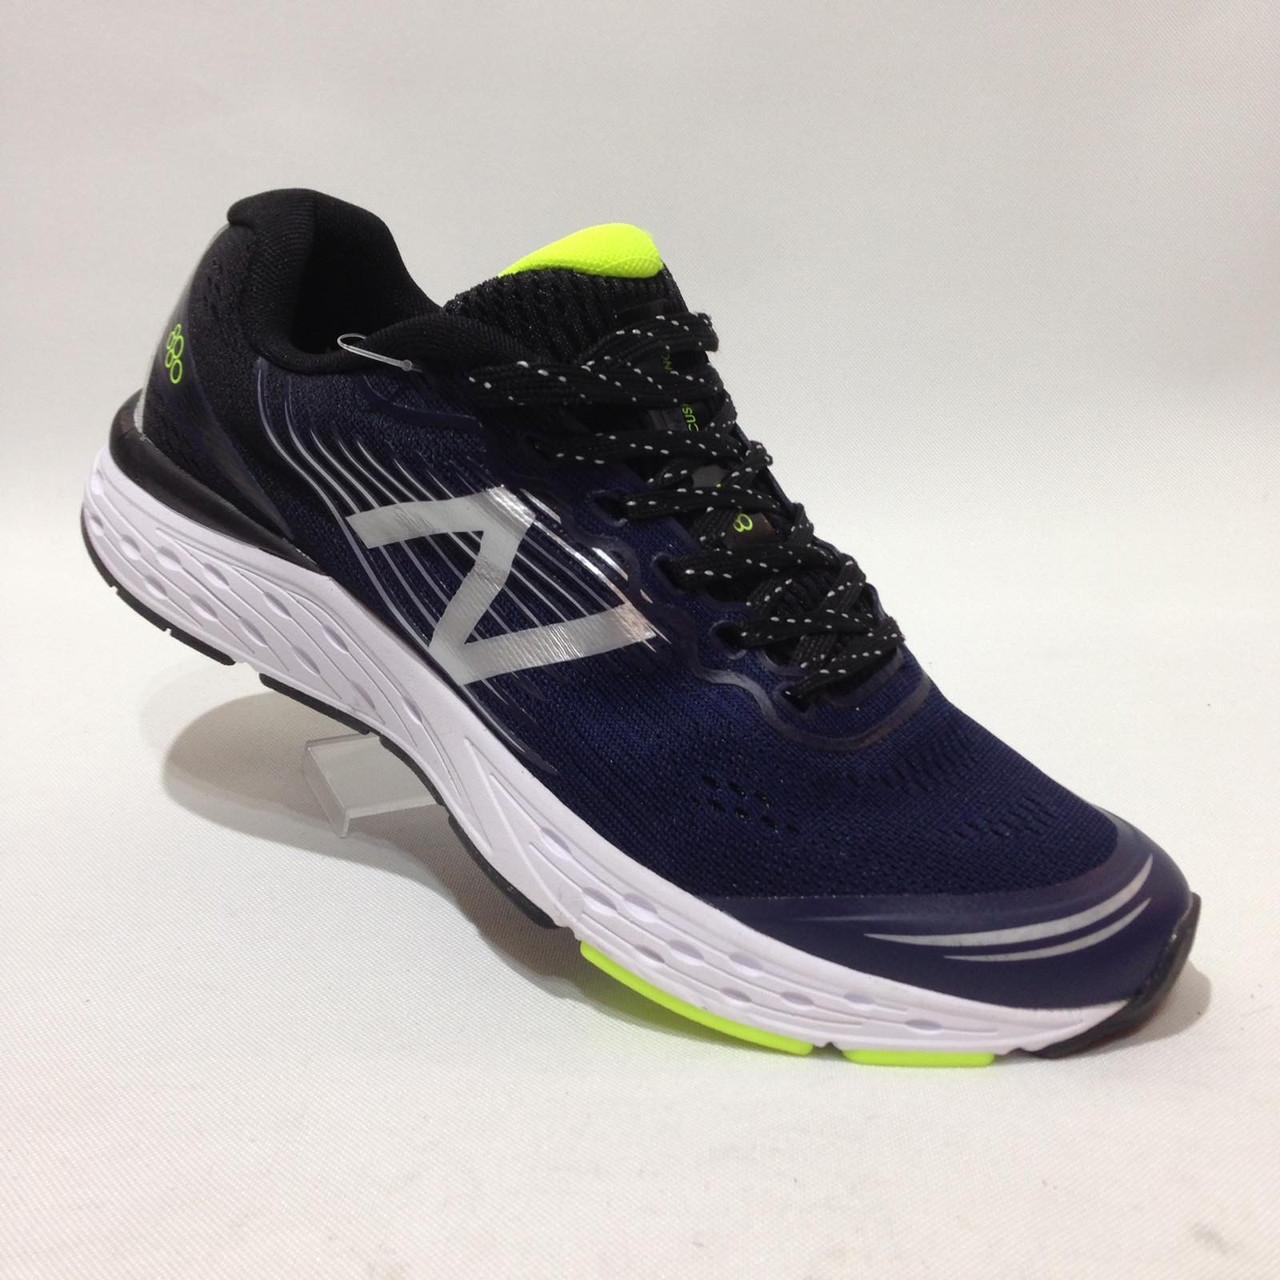 41,44 р. Мужские кроссовки в стиле New Balance 880 сетка летние синие